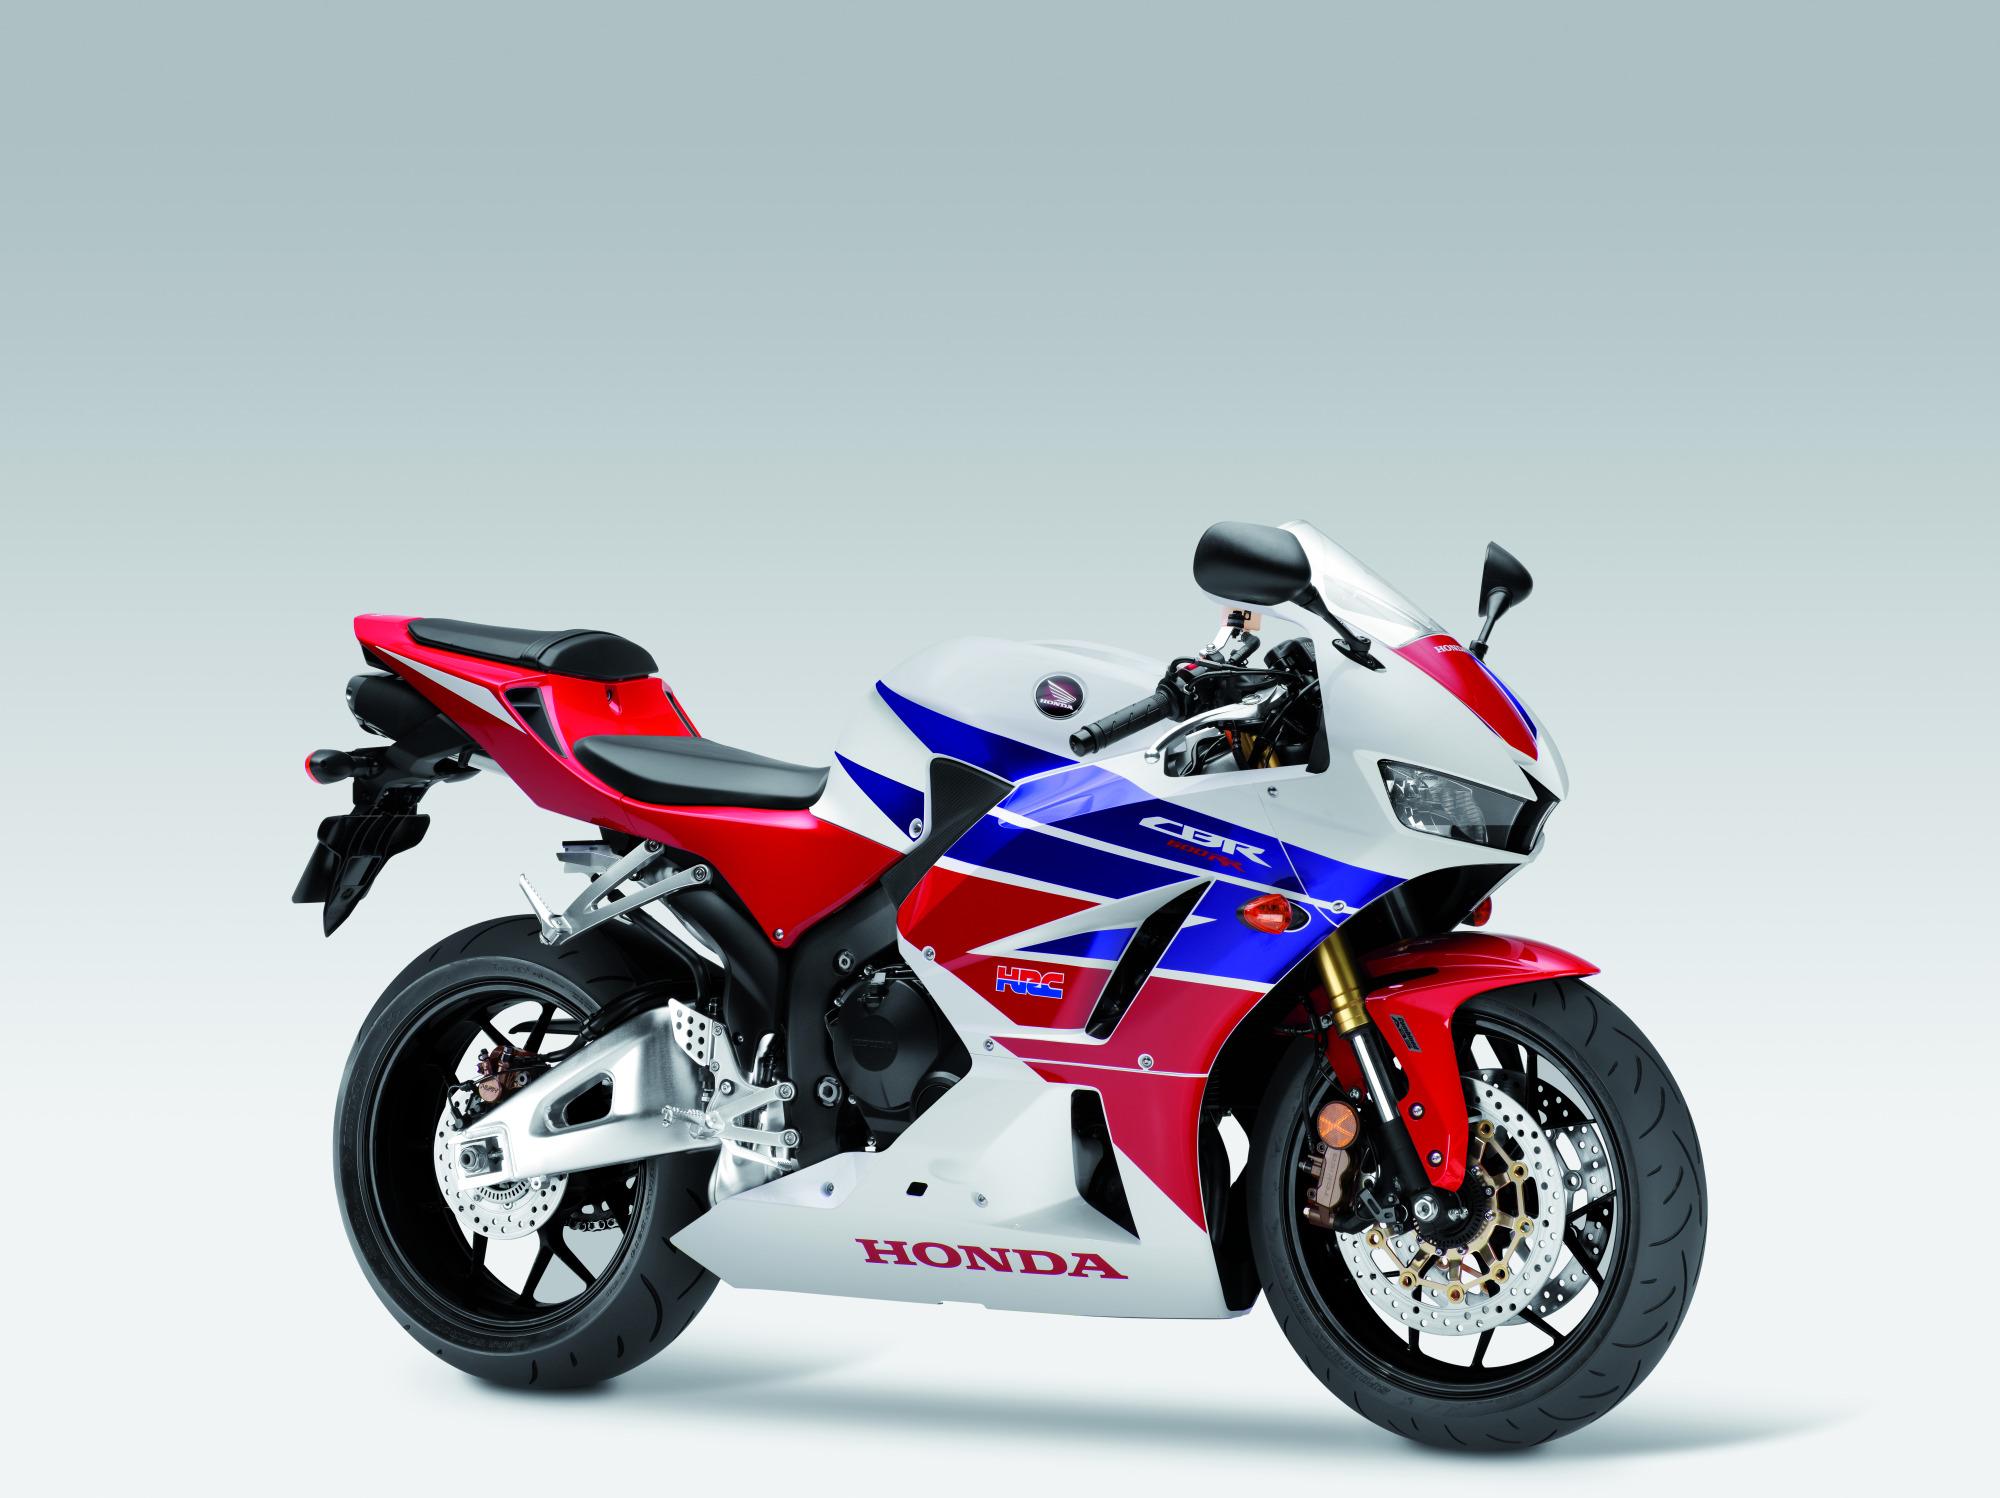 Honda Cbr 600 Rr Test Baujahre Bilder